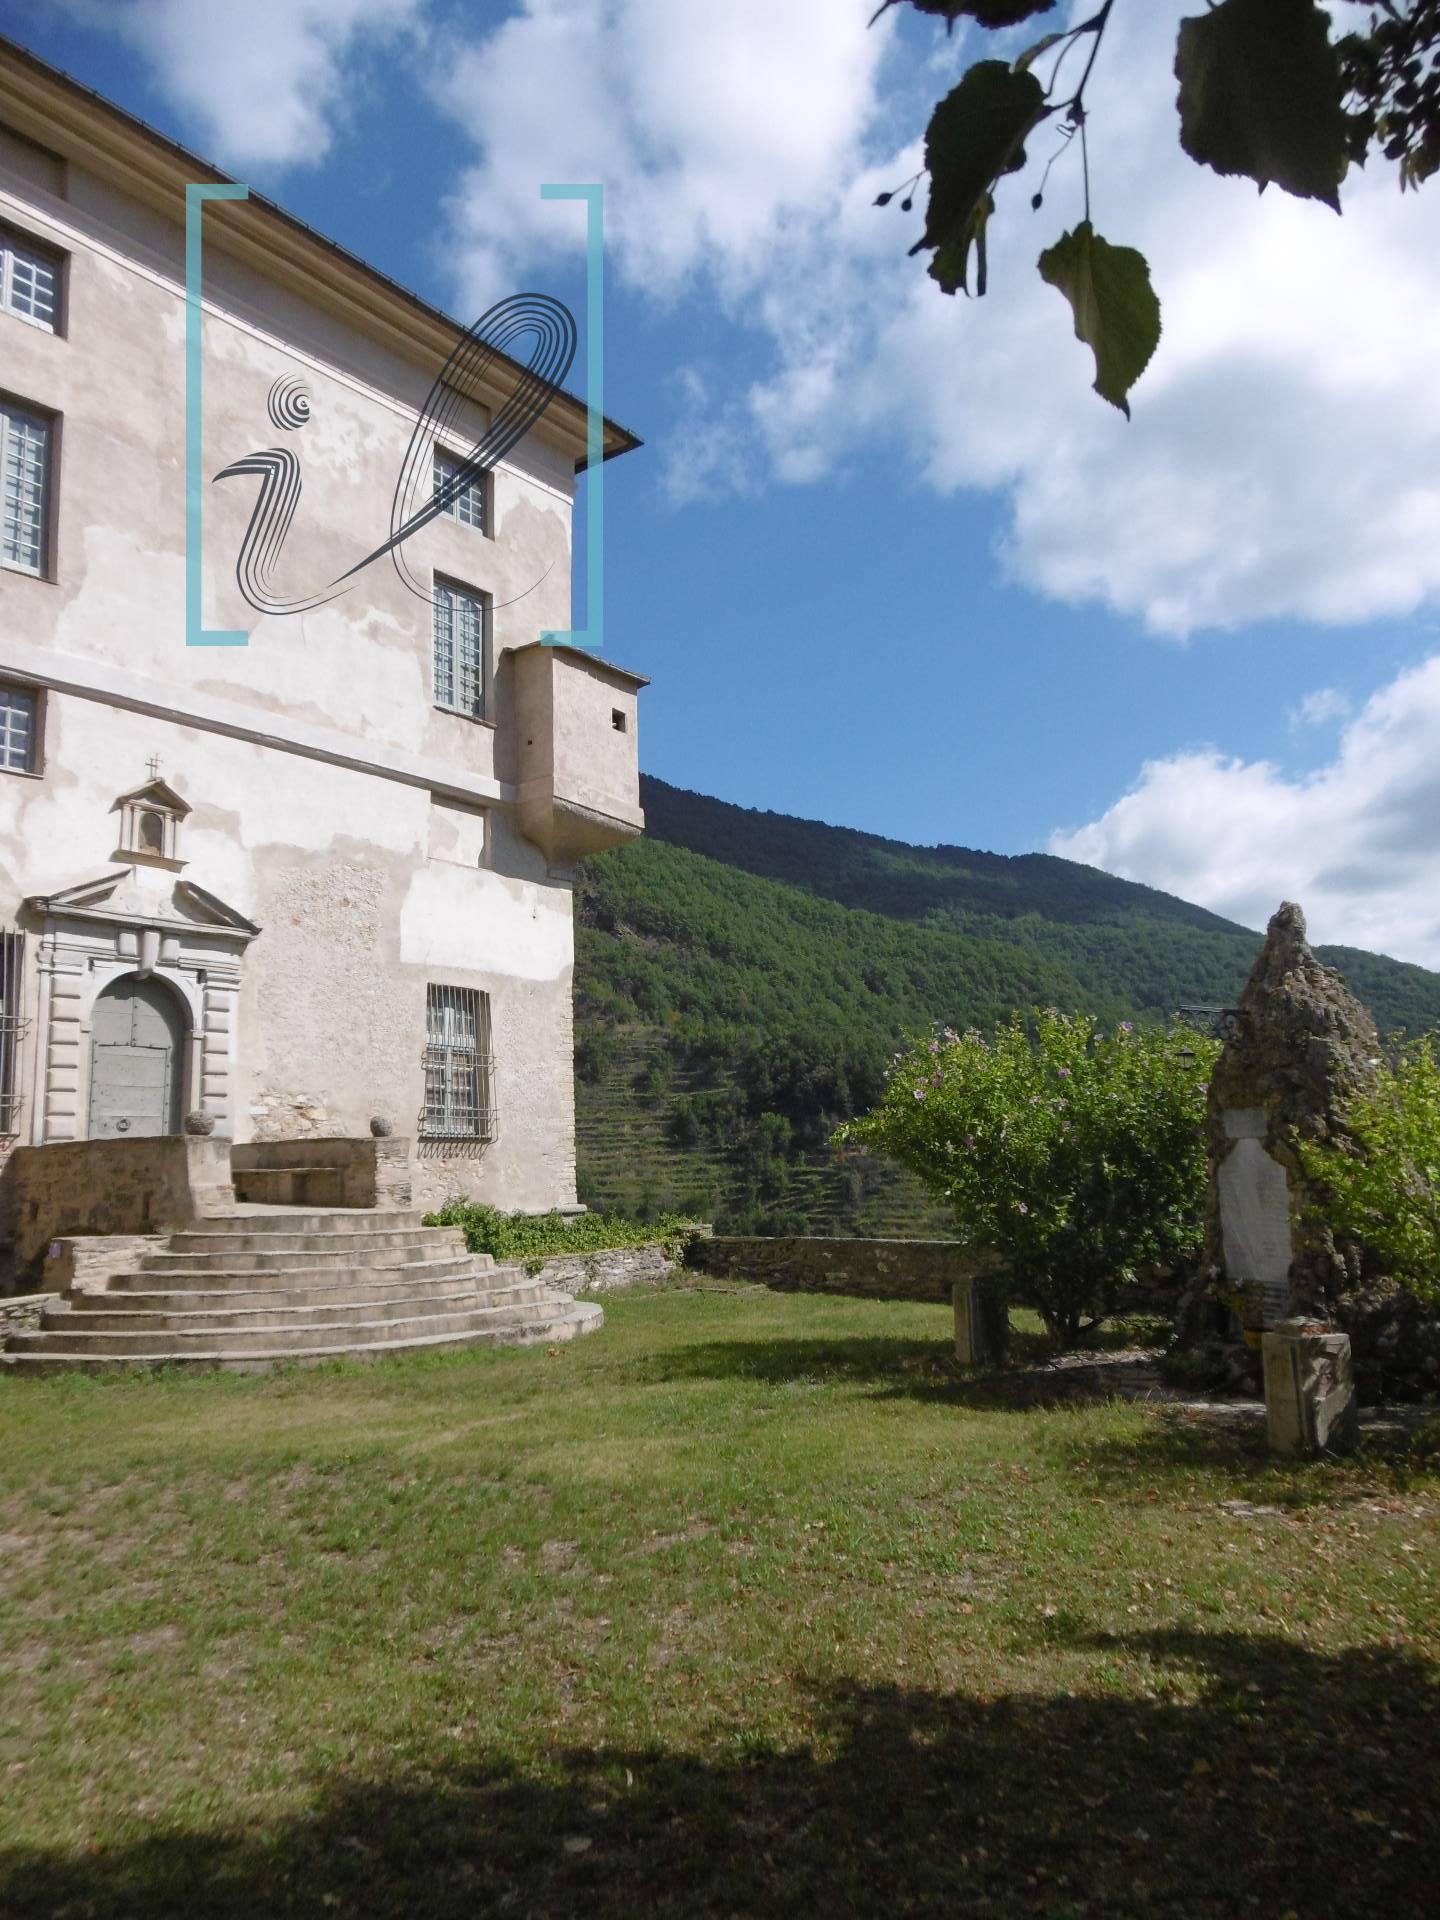 Appartamento in vendita a Rezzo, 2 locali, prezzo € 45.000 | CambioCasa.it